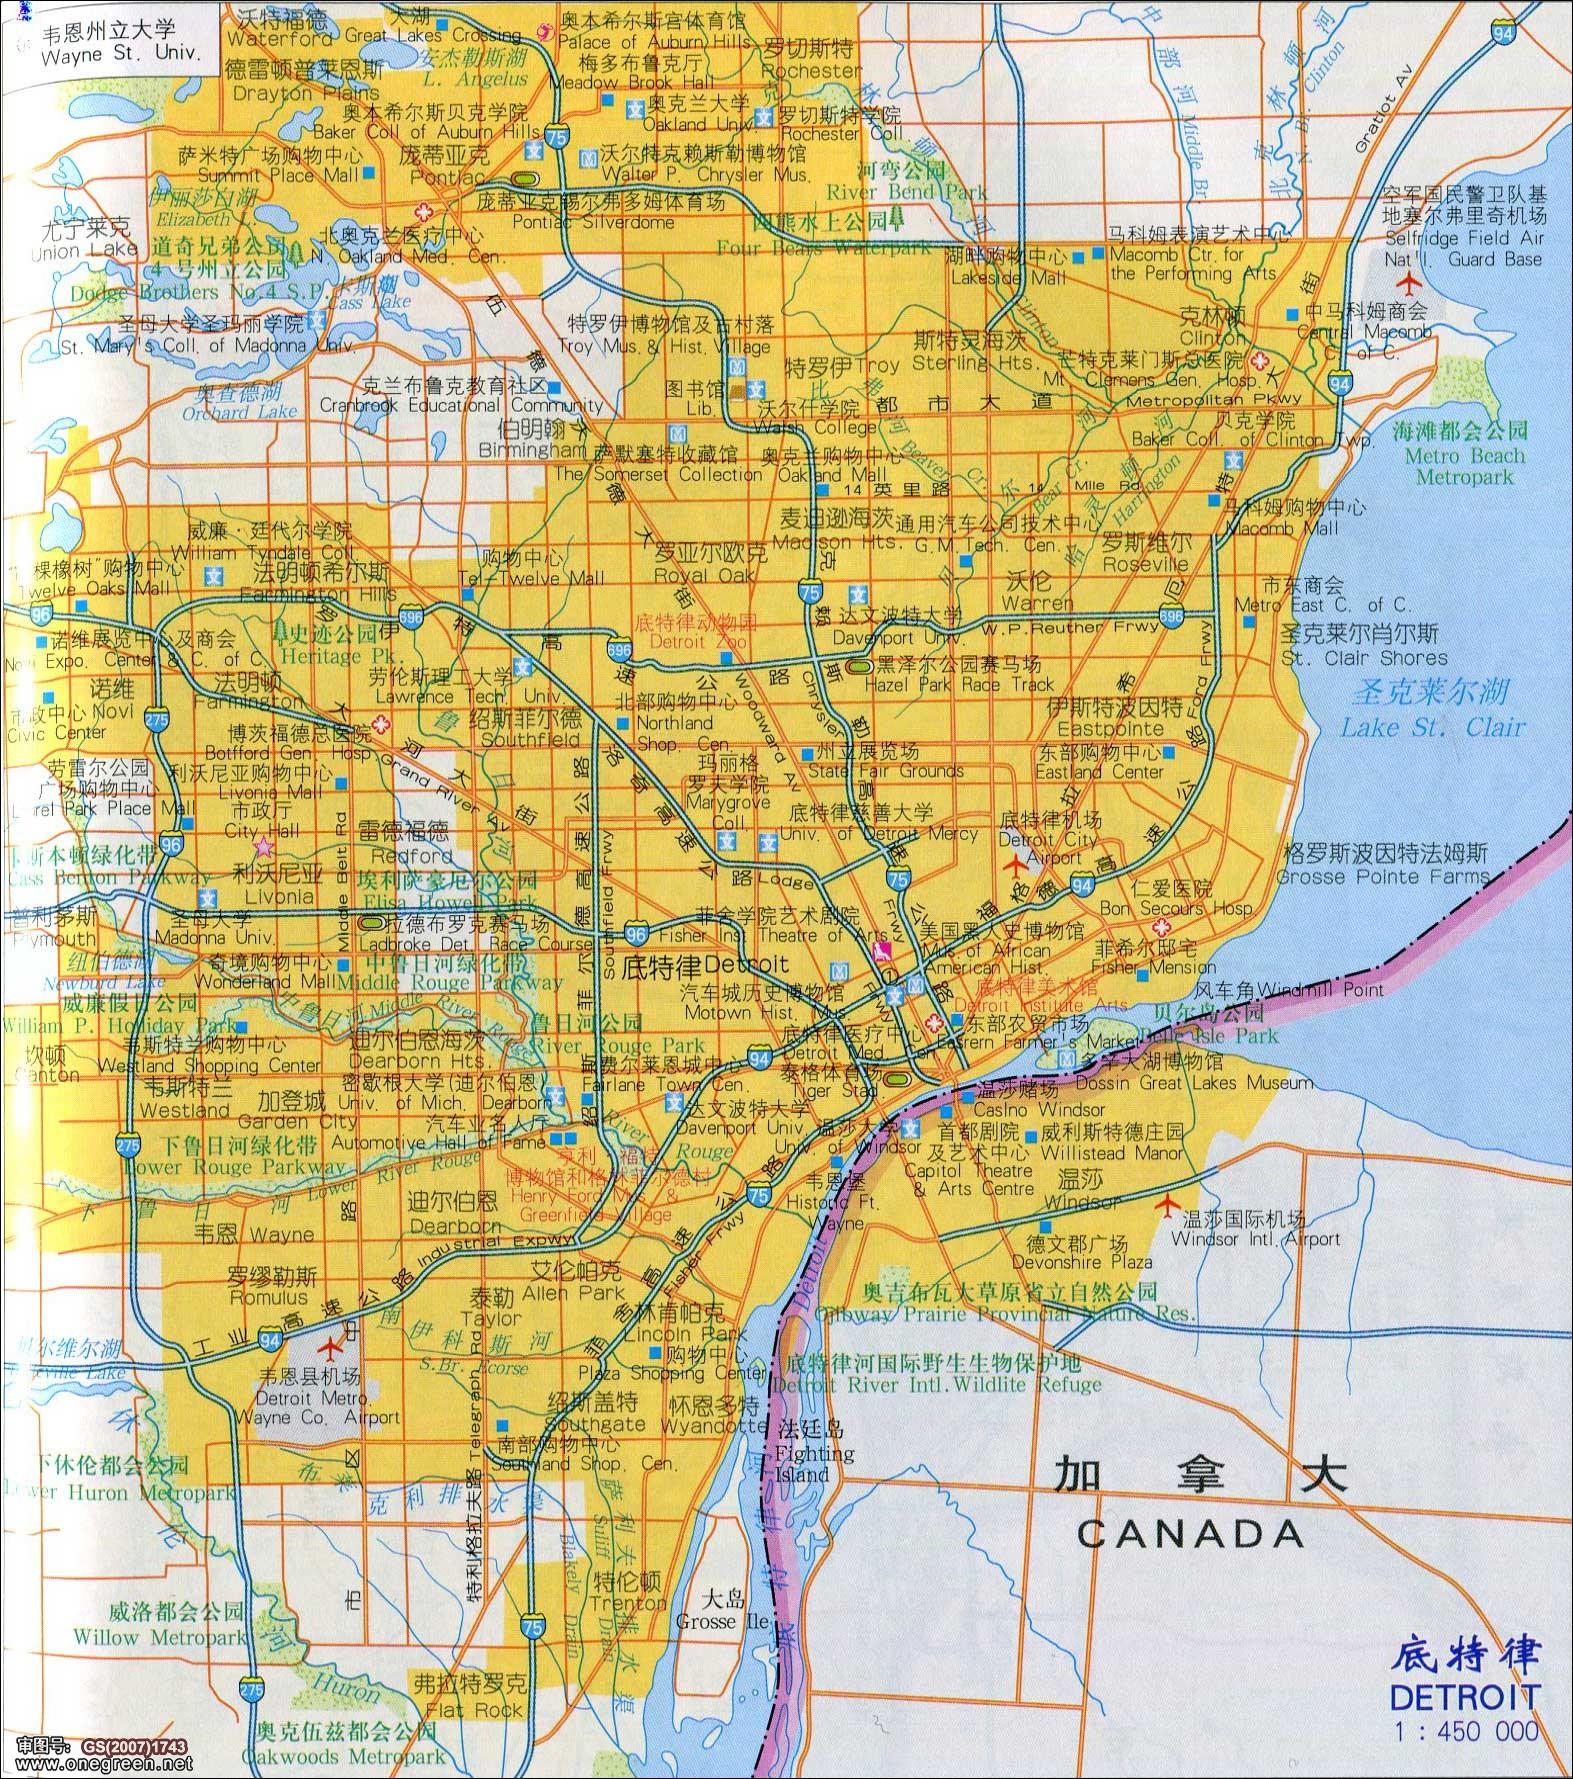 纽约 州 地图 中文 版